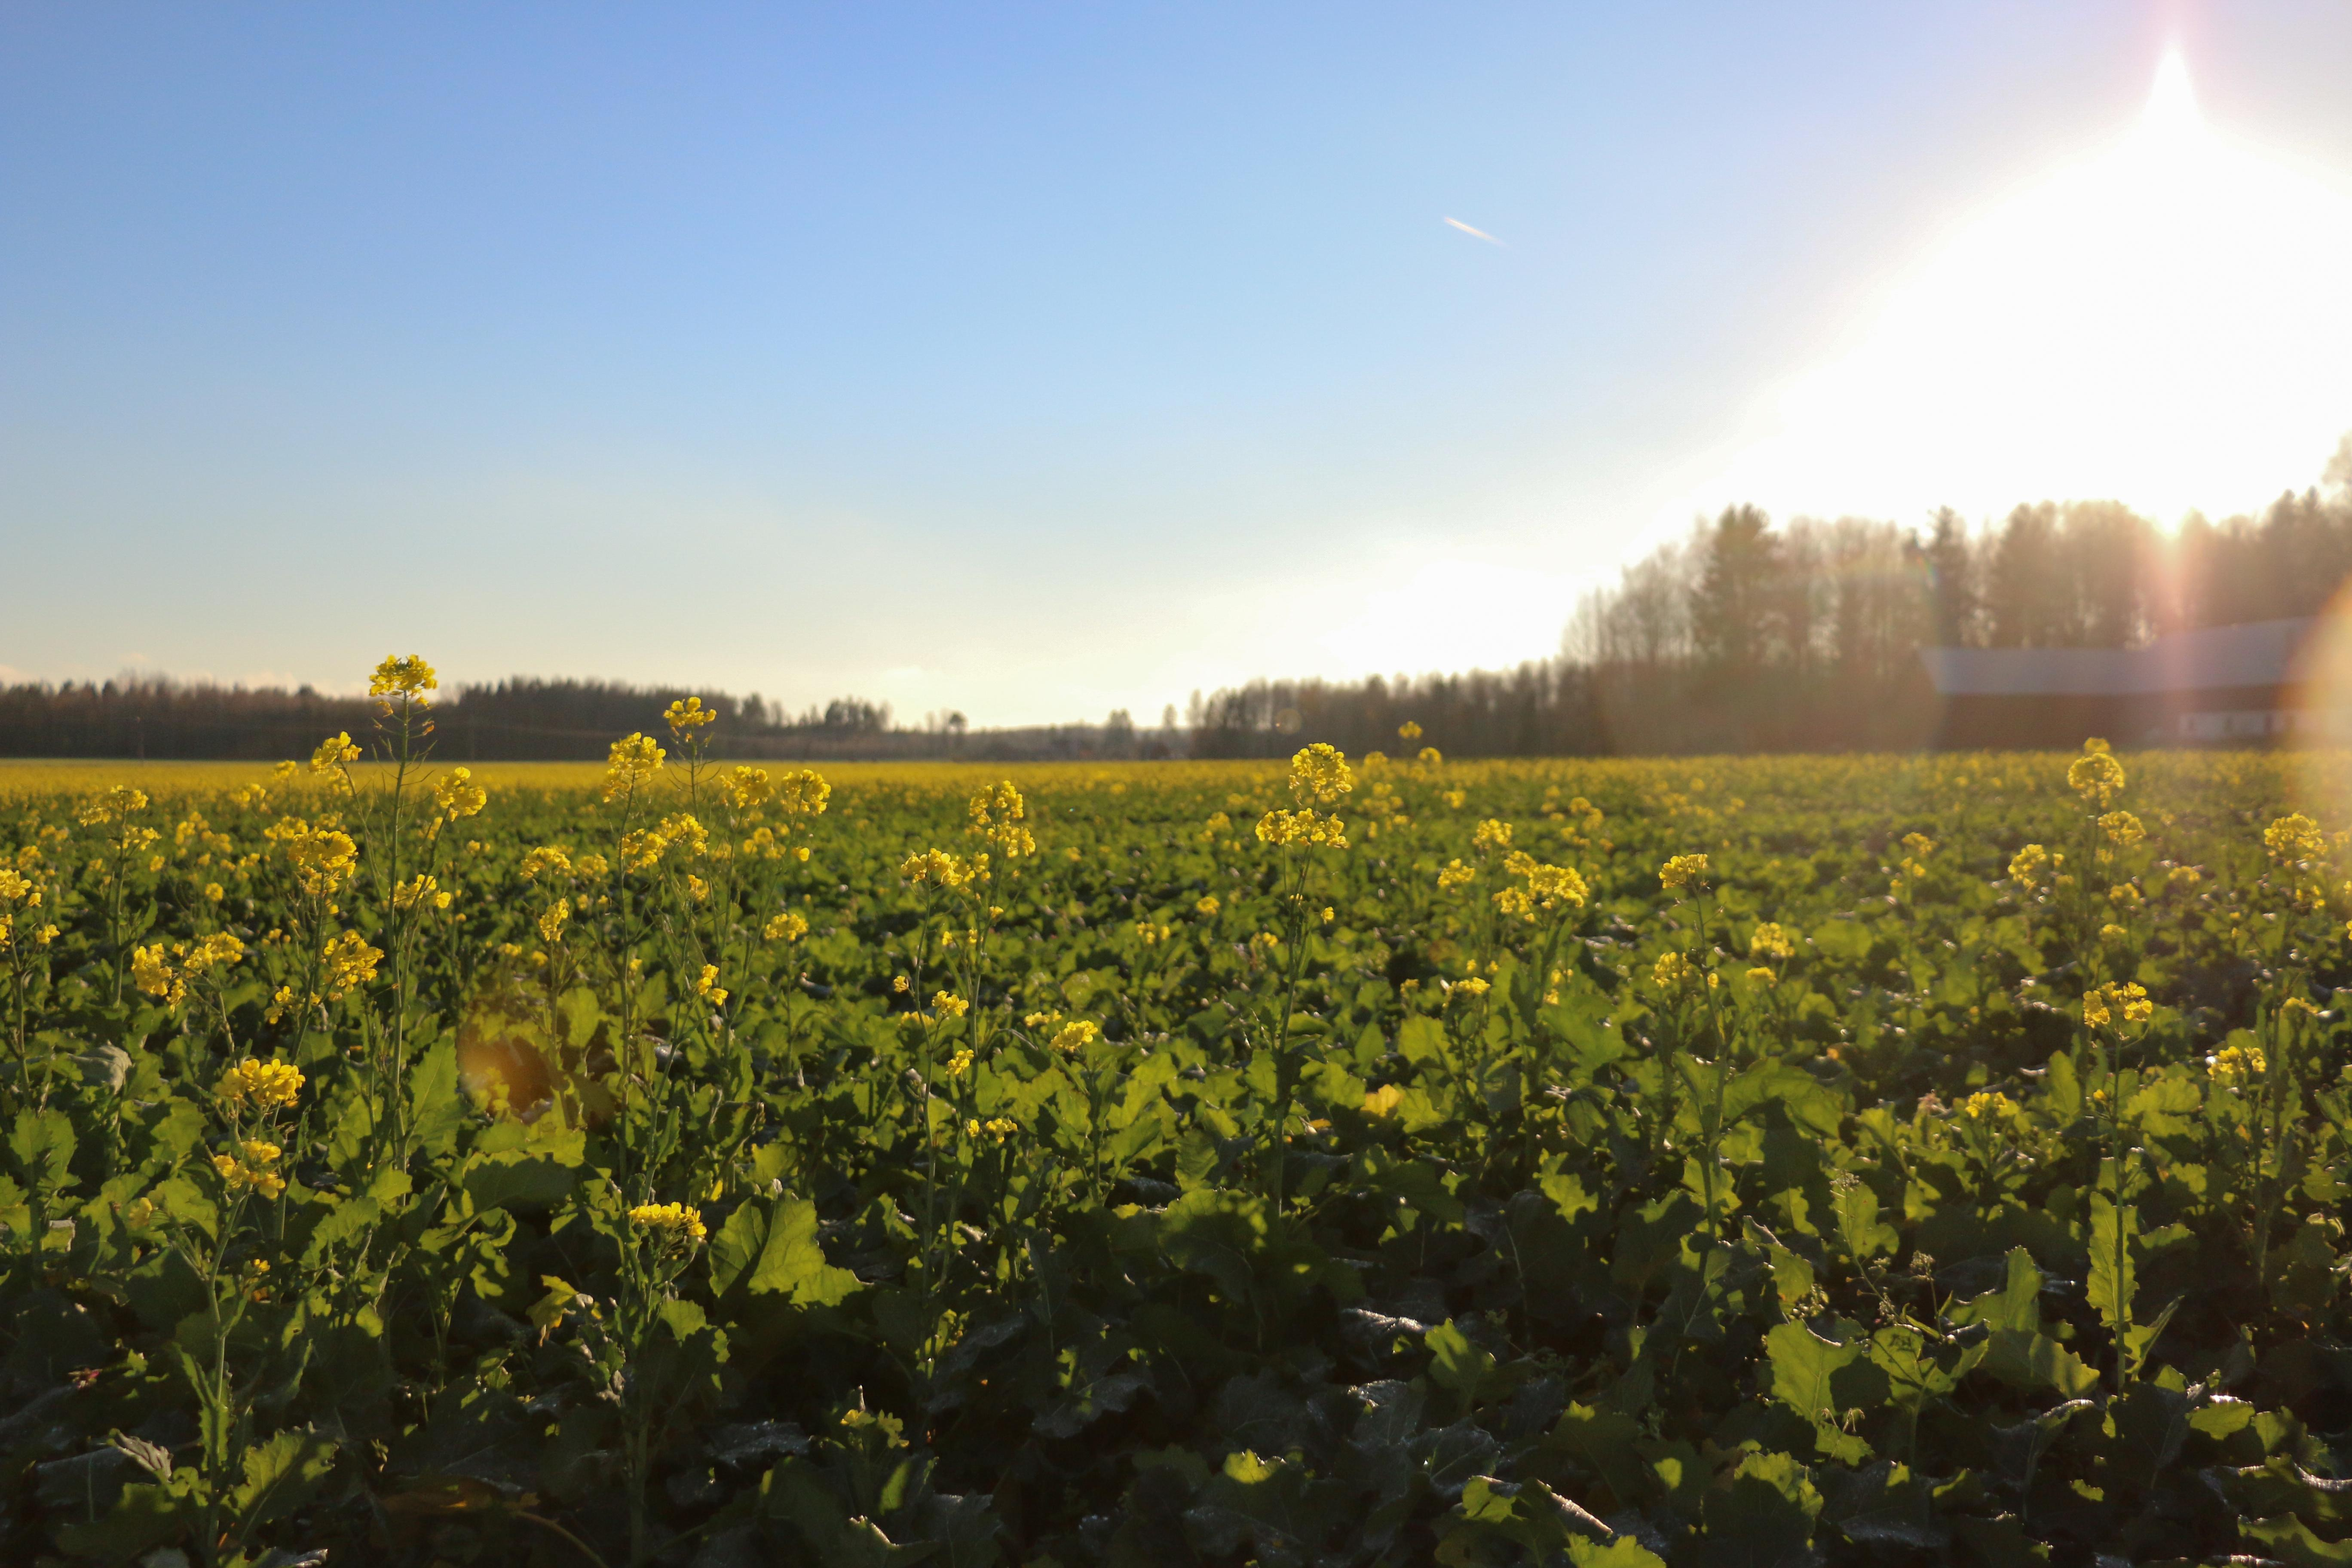 Det borde ha varit en försommarbild, men så här blommade rapsfälten i Byrsta i början av november.